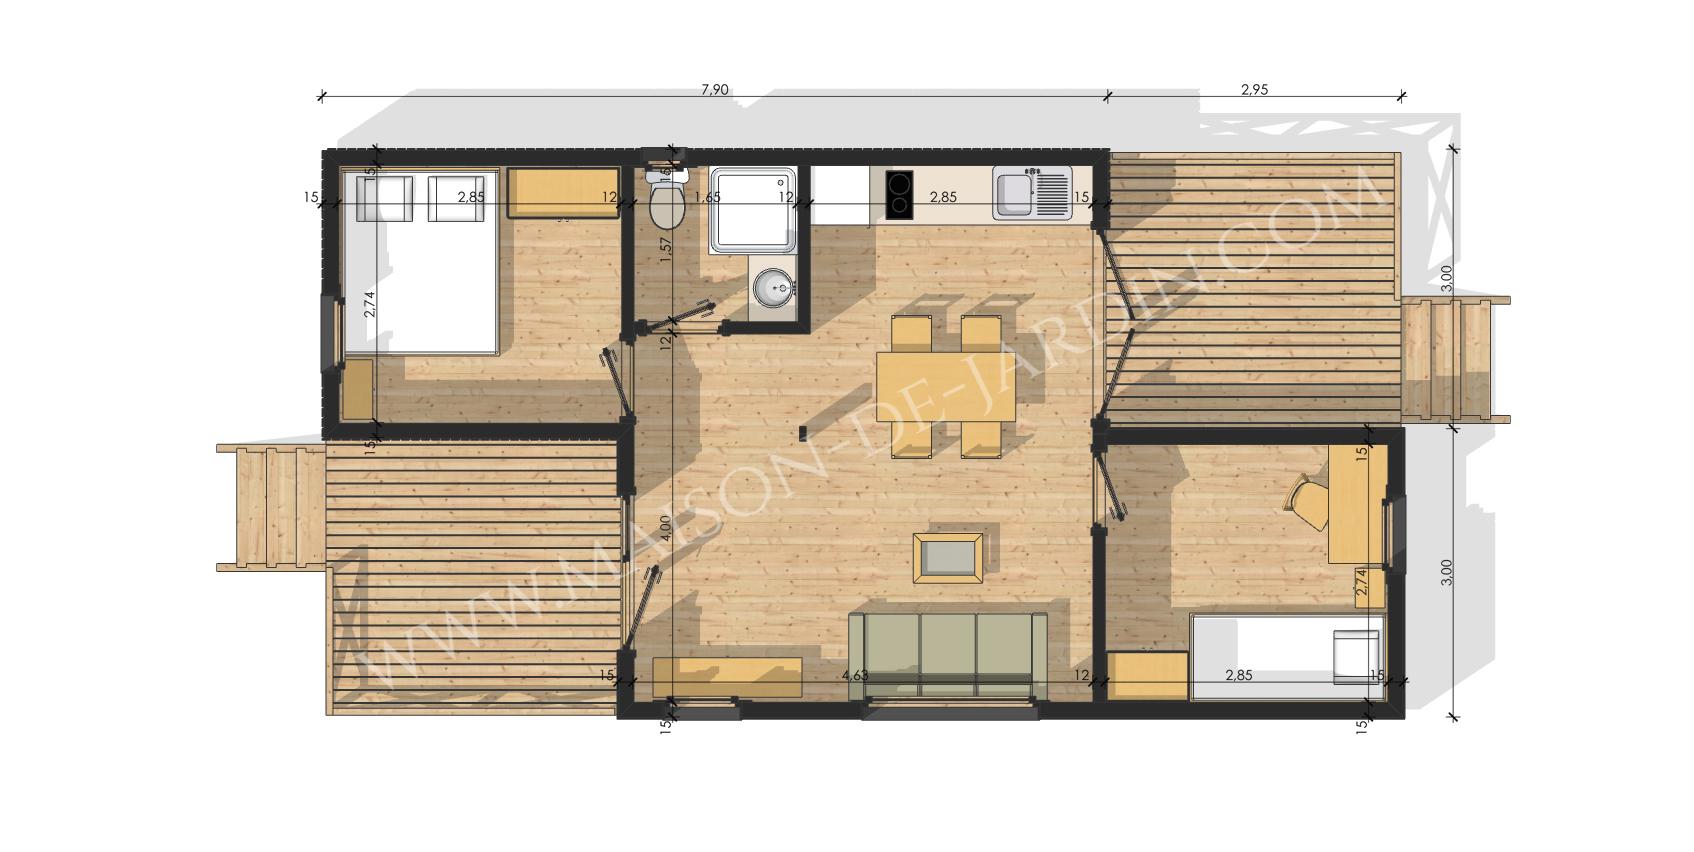 maison de jardin avec ossature bois essonne 47 m 51590 ttc livr mont cl en main. Black Bedroom Furniture Sets. Home Design Ideas